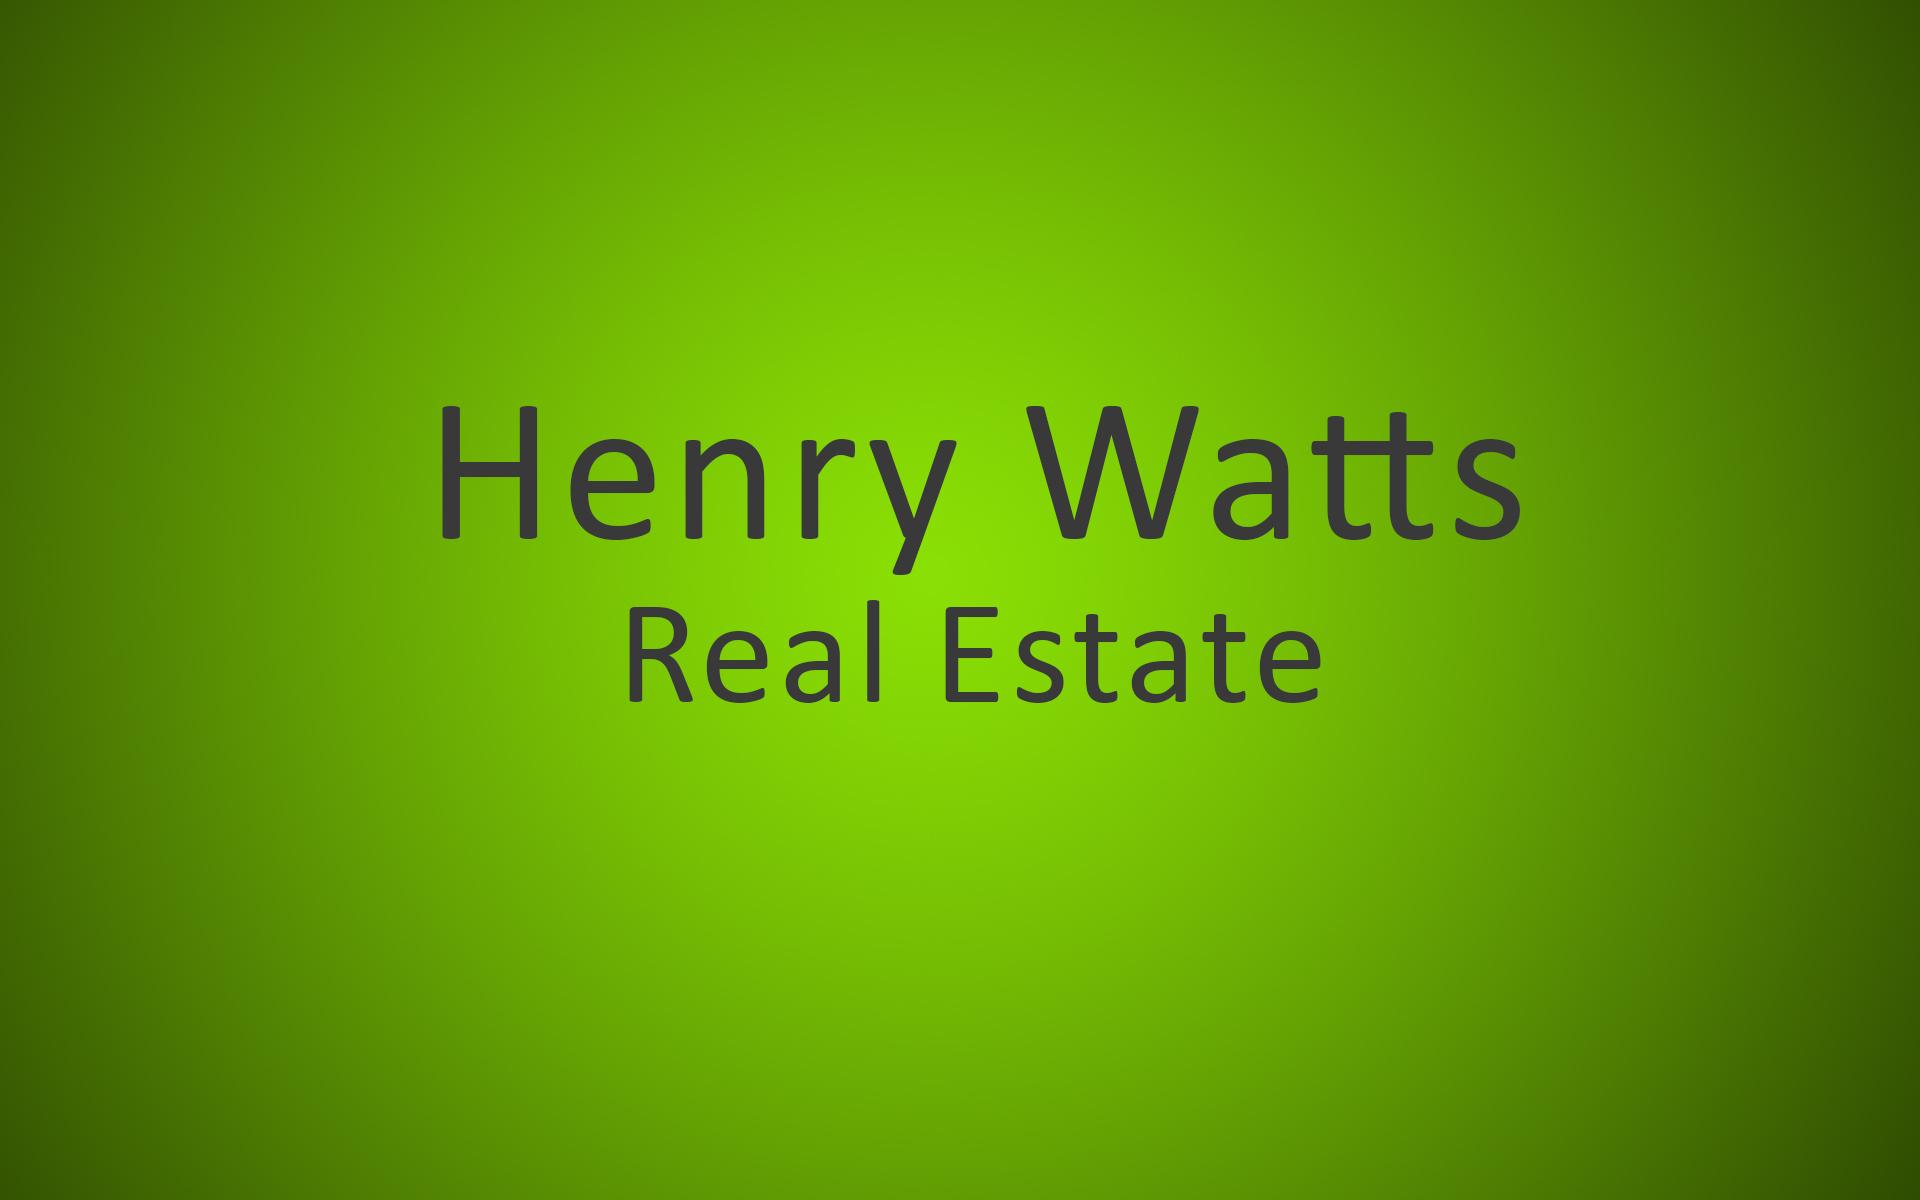 Henry Watts